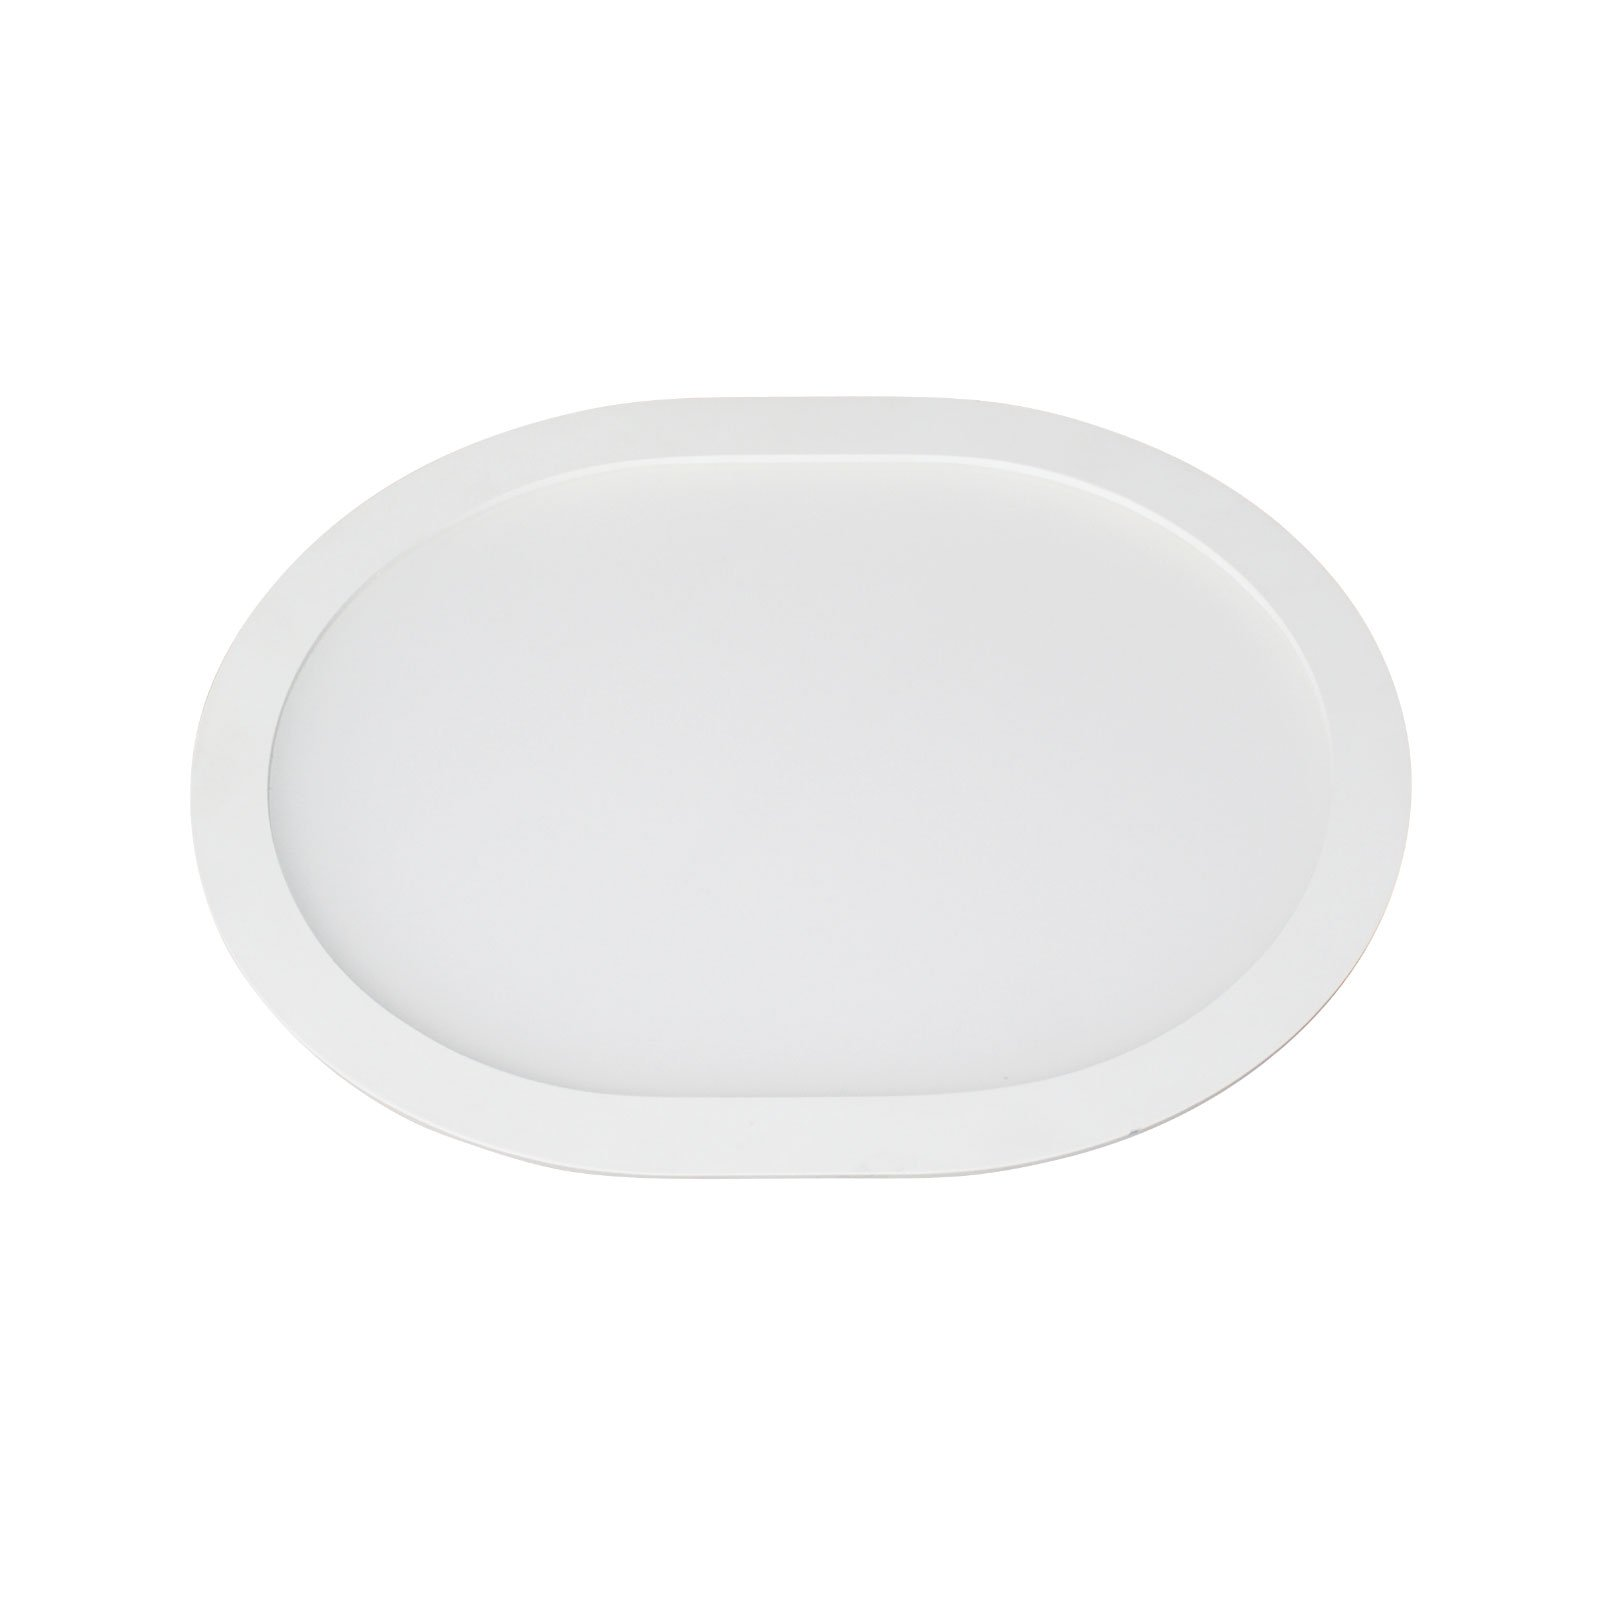 LED-innfellingspanel Ovale 4 500 K, 18 cm x 15 cm